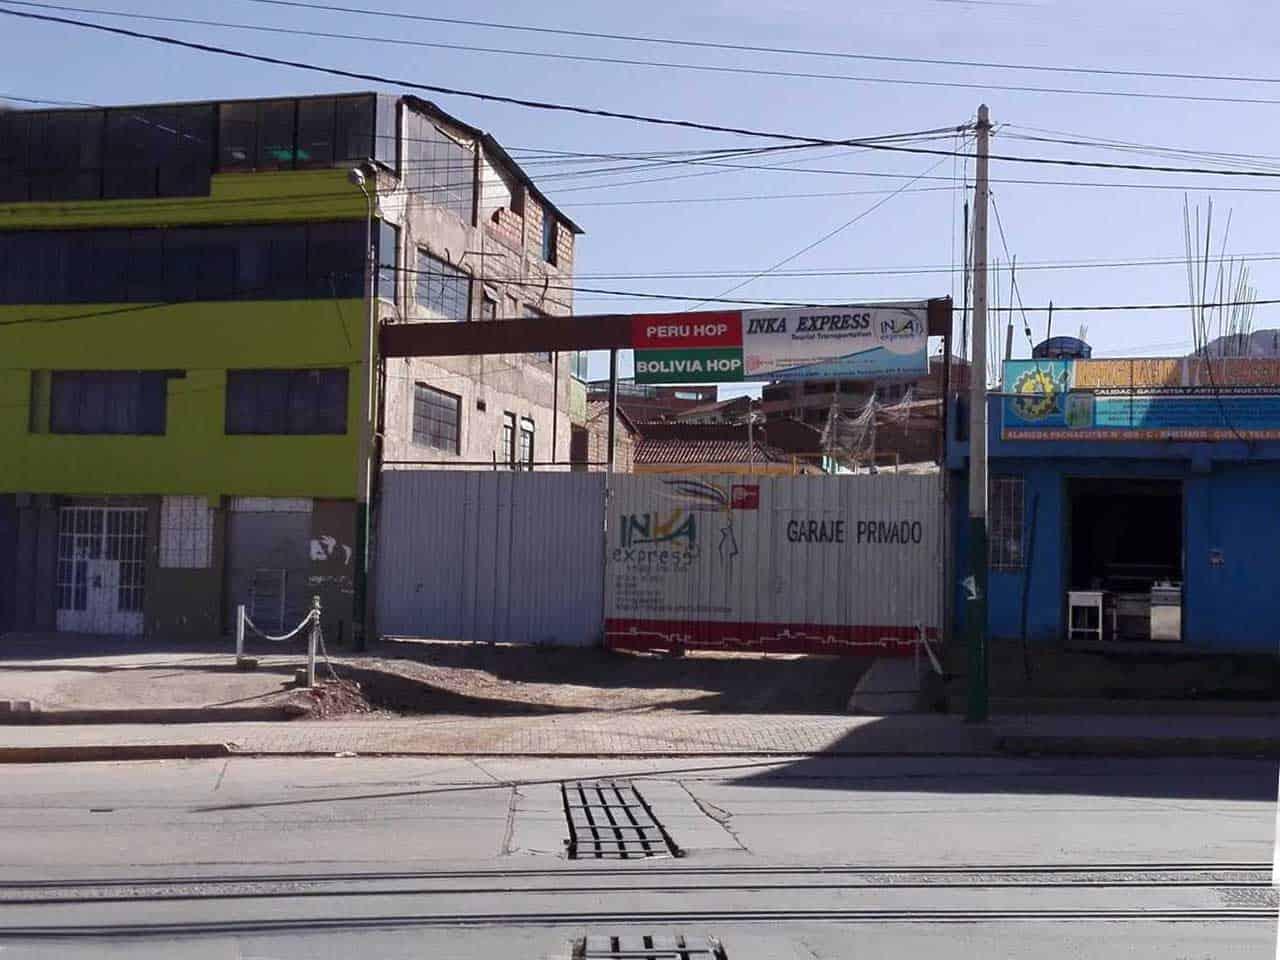 Bolivia Hop Terminal in Cusco